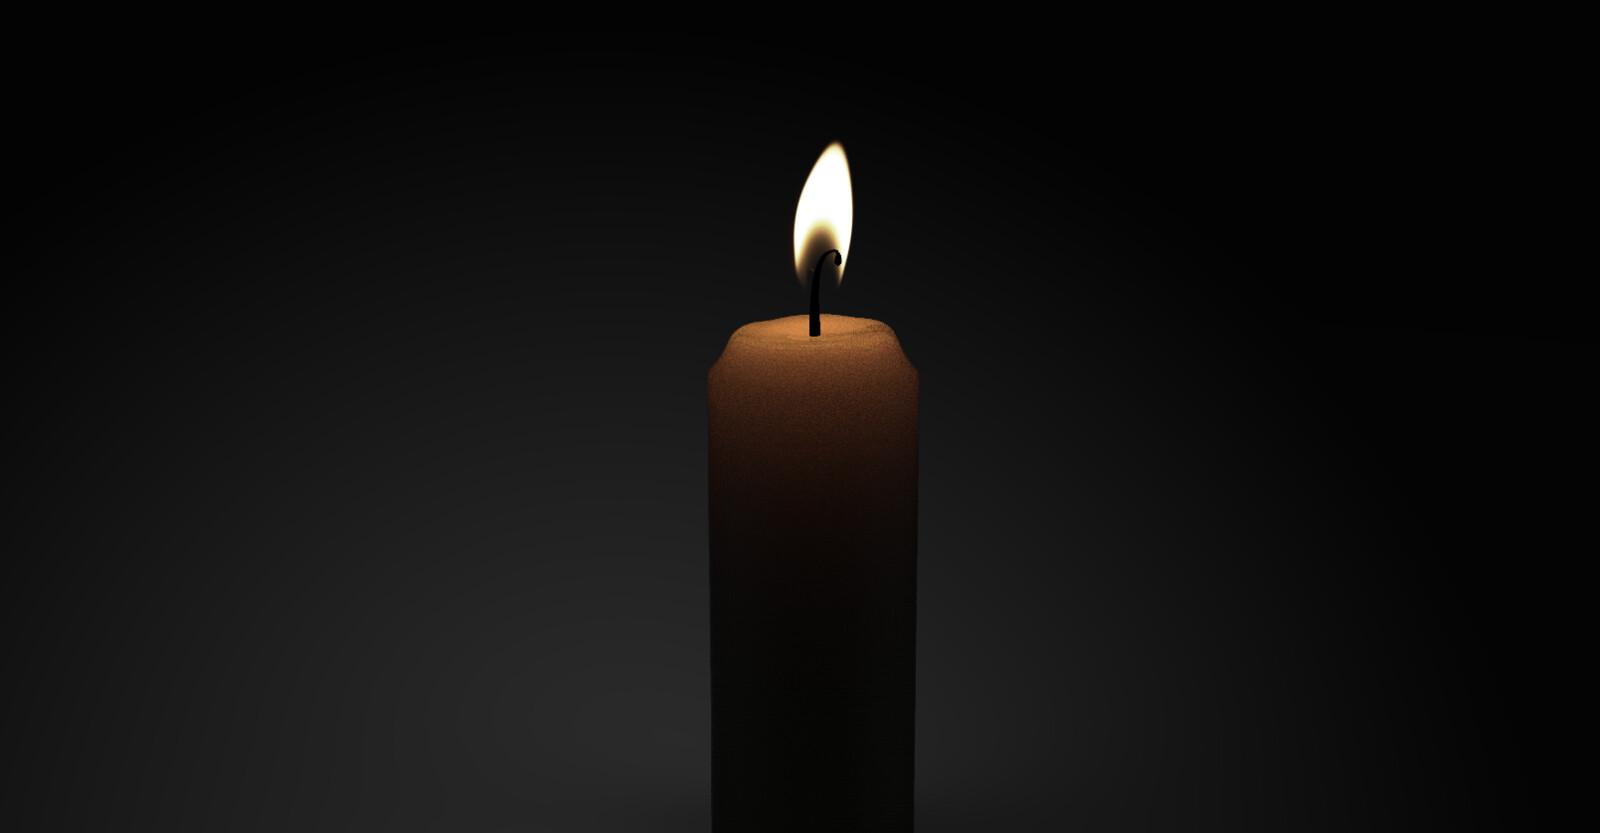 Animated candle (Keyshot)